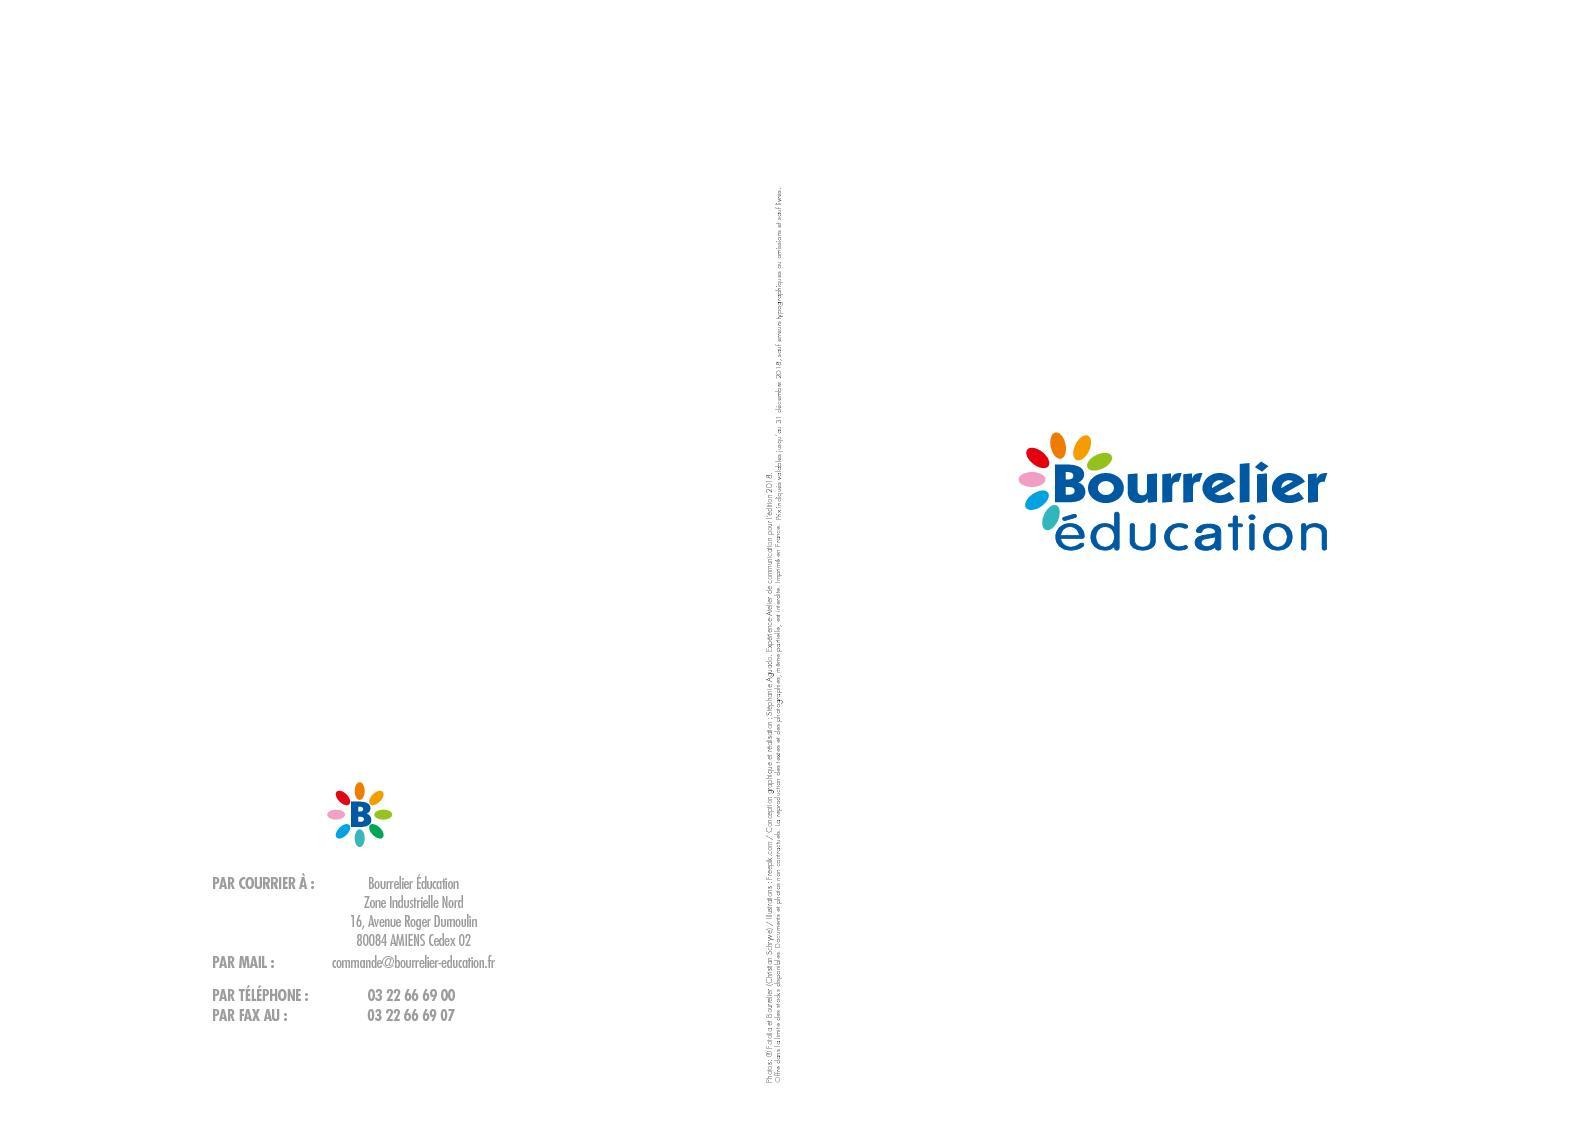 Calaméo - Catalogue Bourrelier Education 3 6 Ans 2018 2 223 tout Tangram À Imprimer Pdf